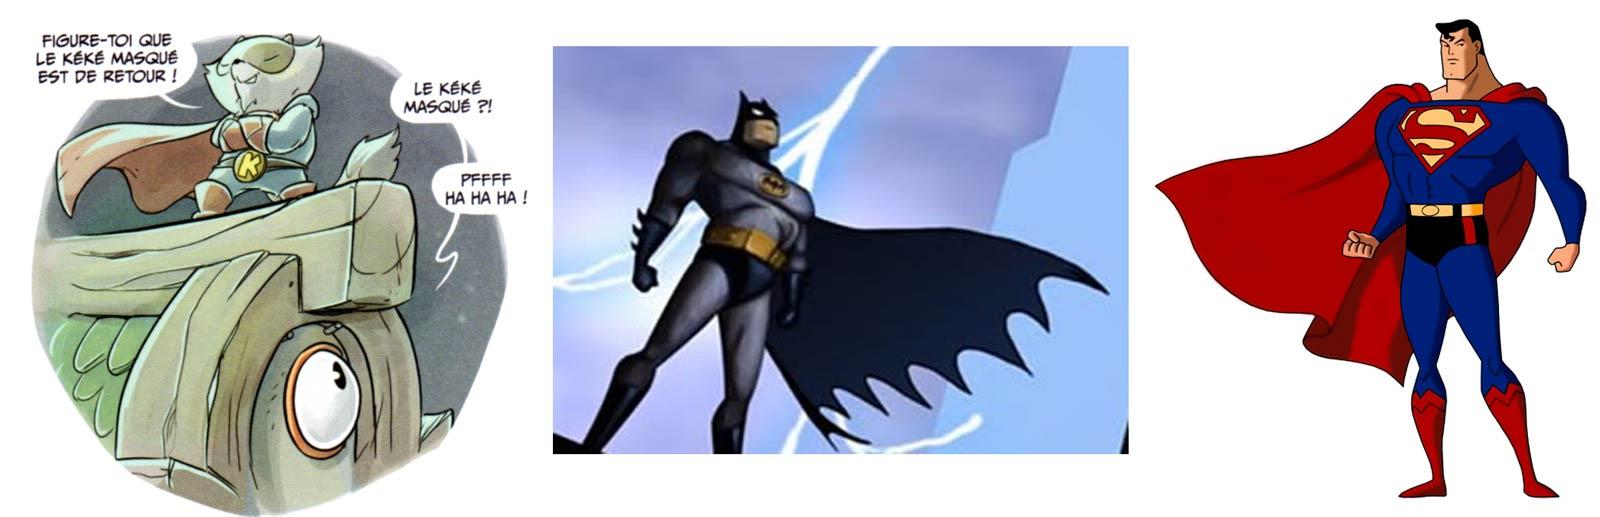 Kerubim fait un mix de Batman et superman